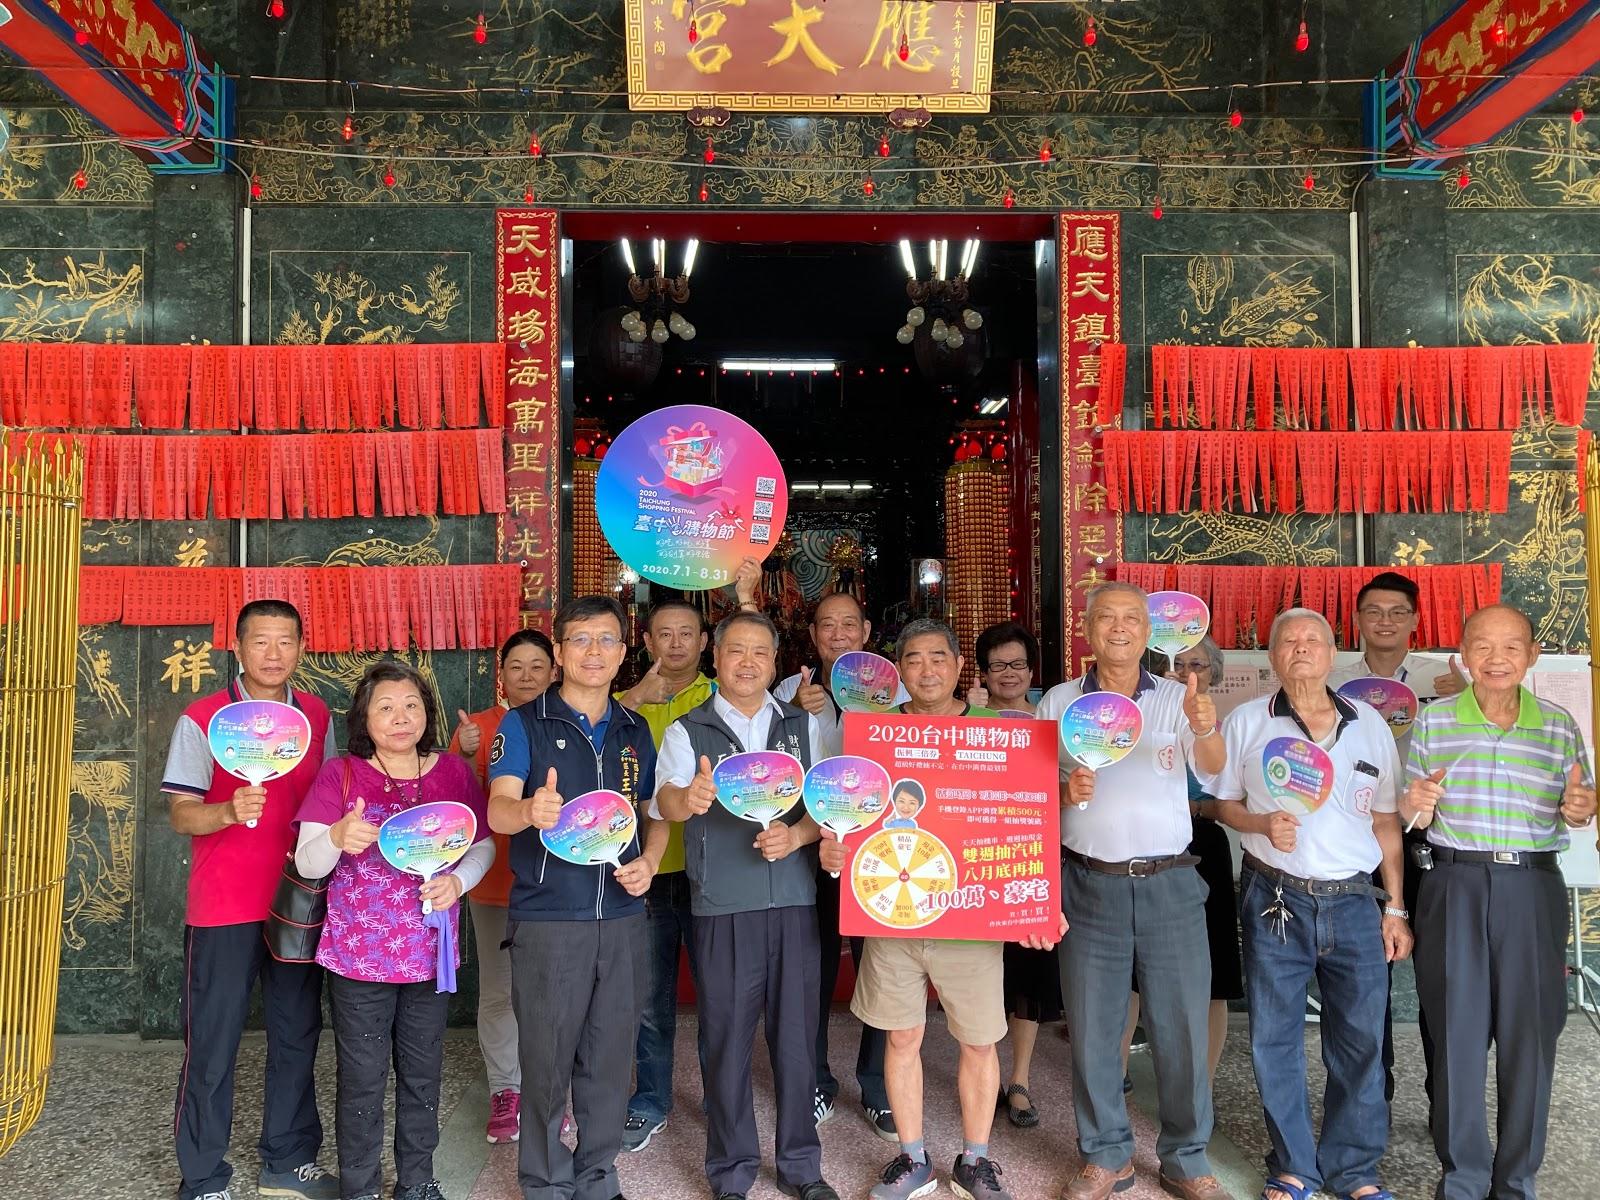 民政局致贈荷葉扇給各宗教團體並宣導行銷臺中購物節